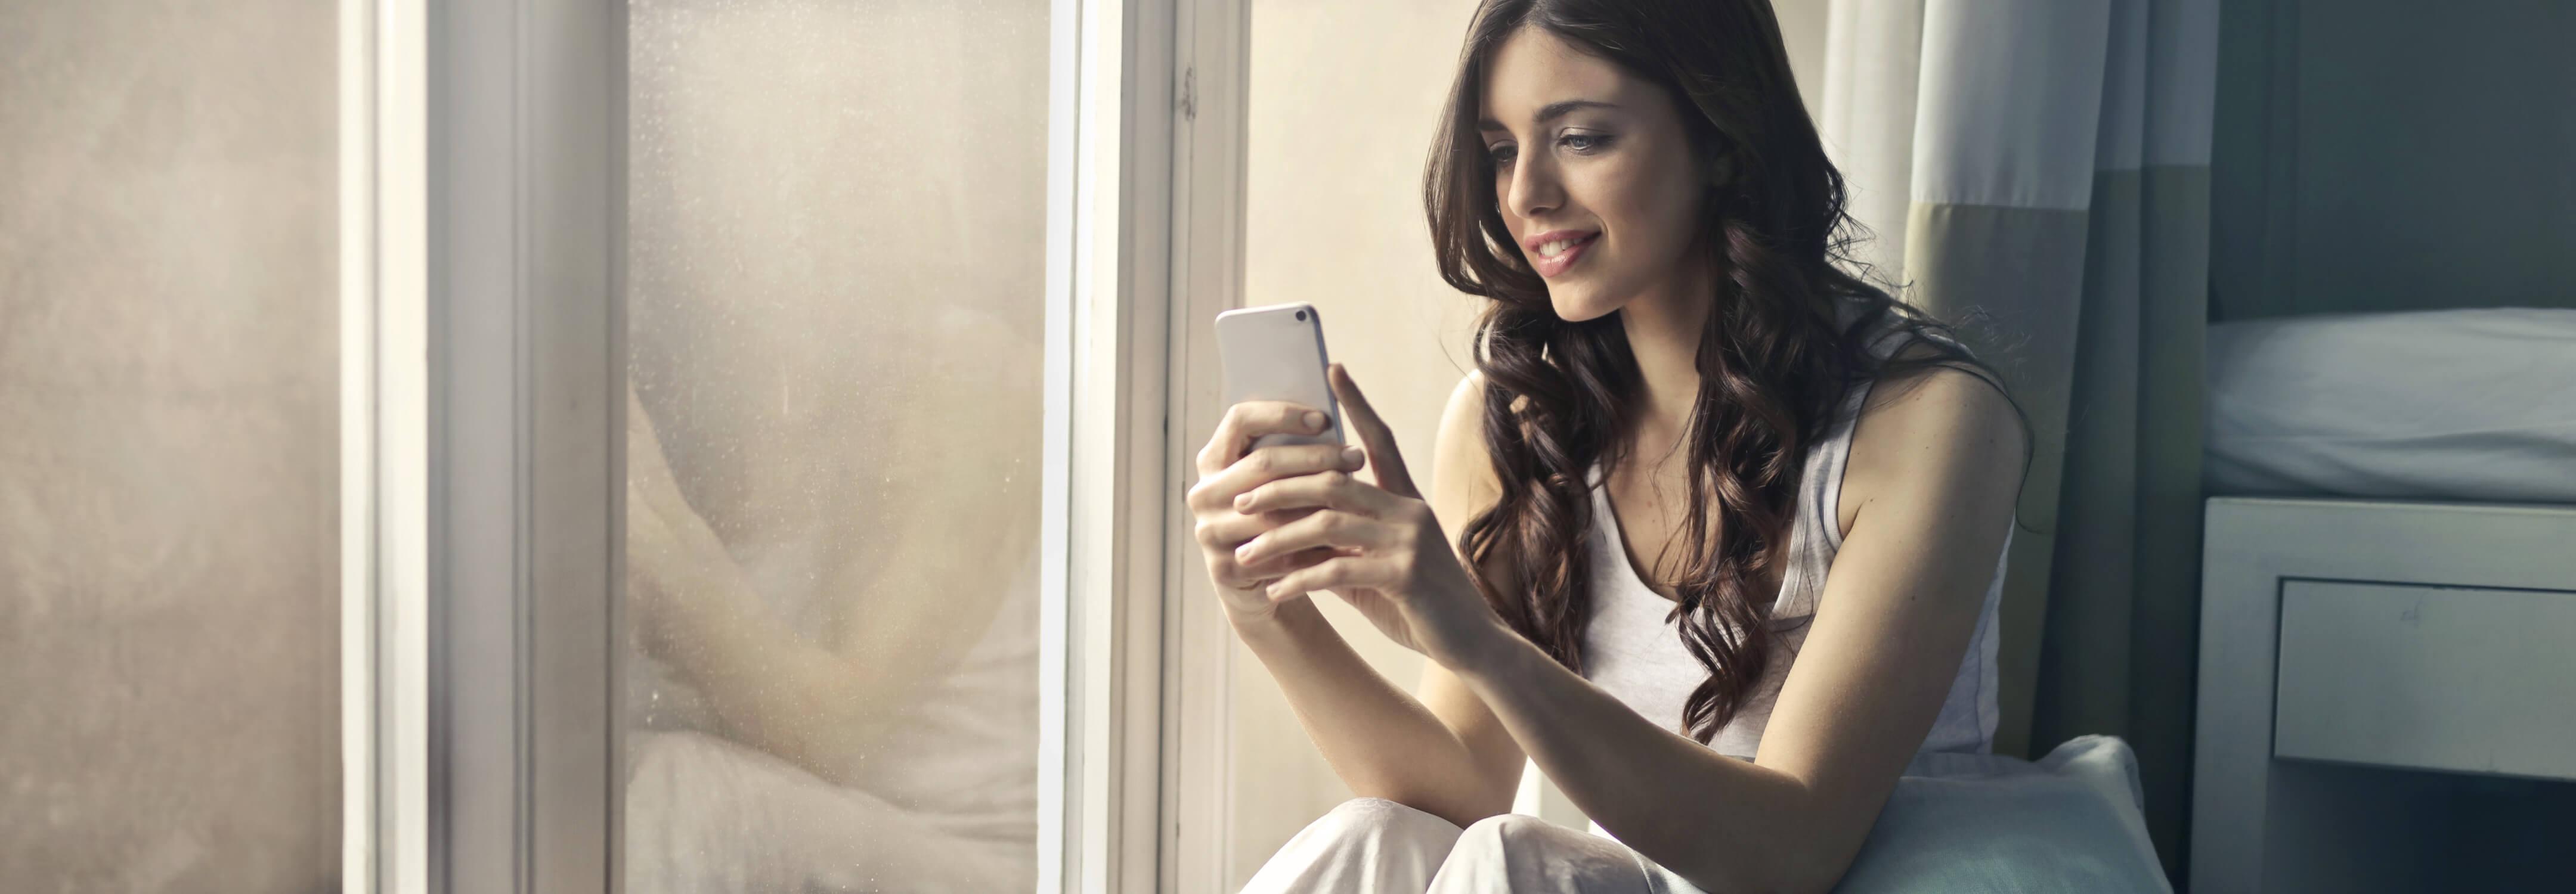 donna in gravidanza consulta la app